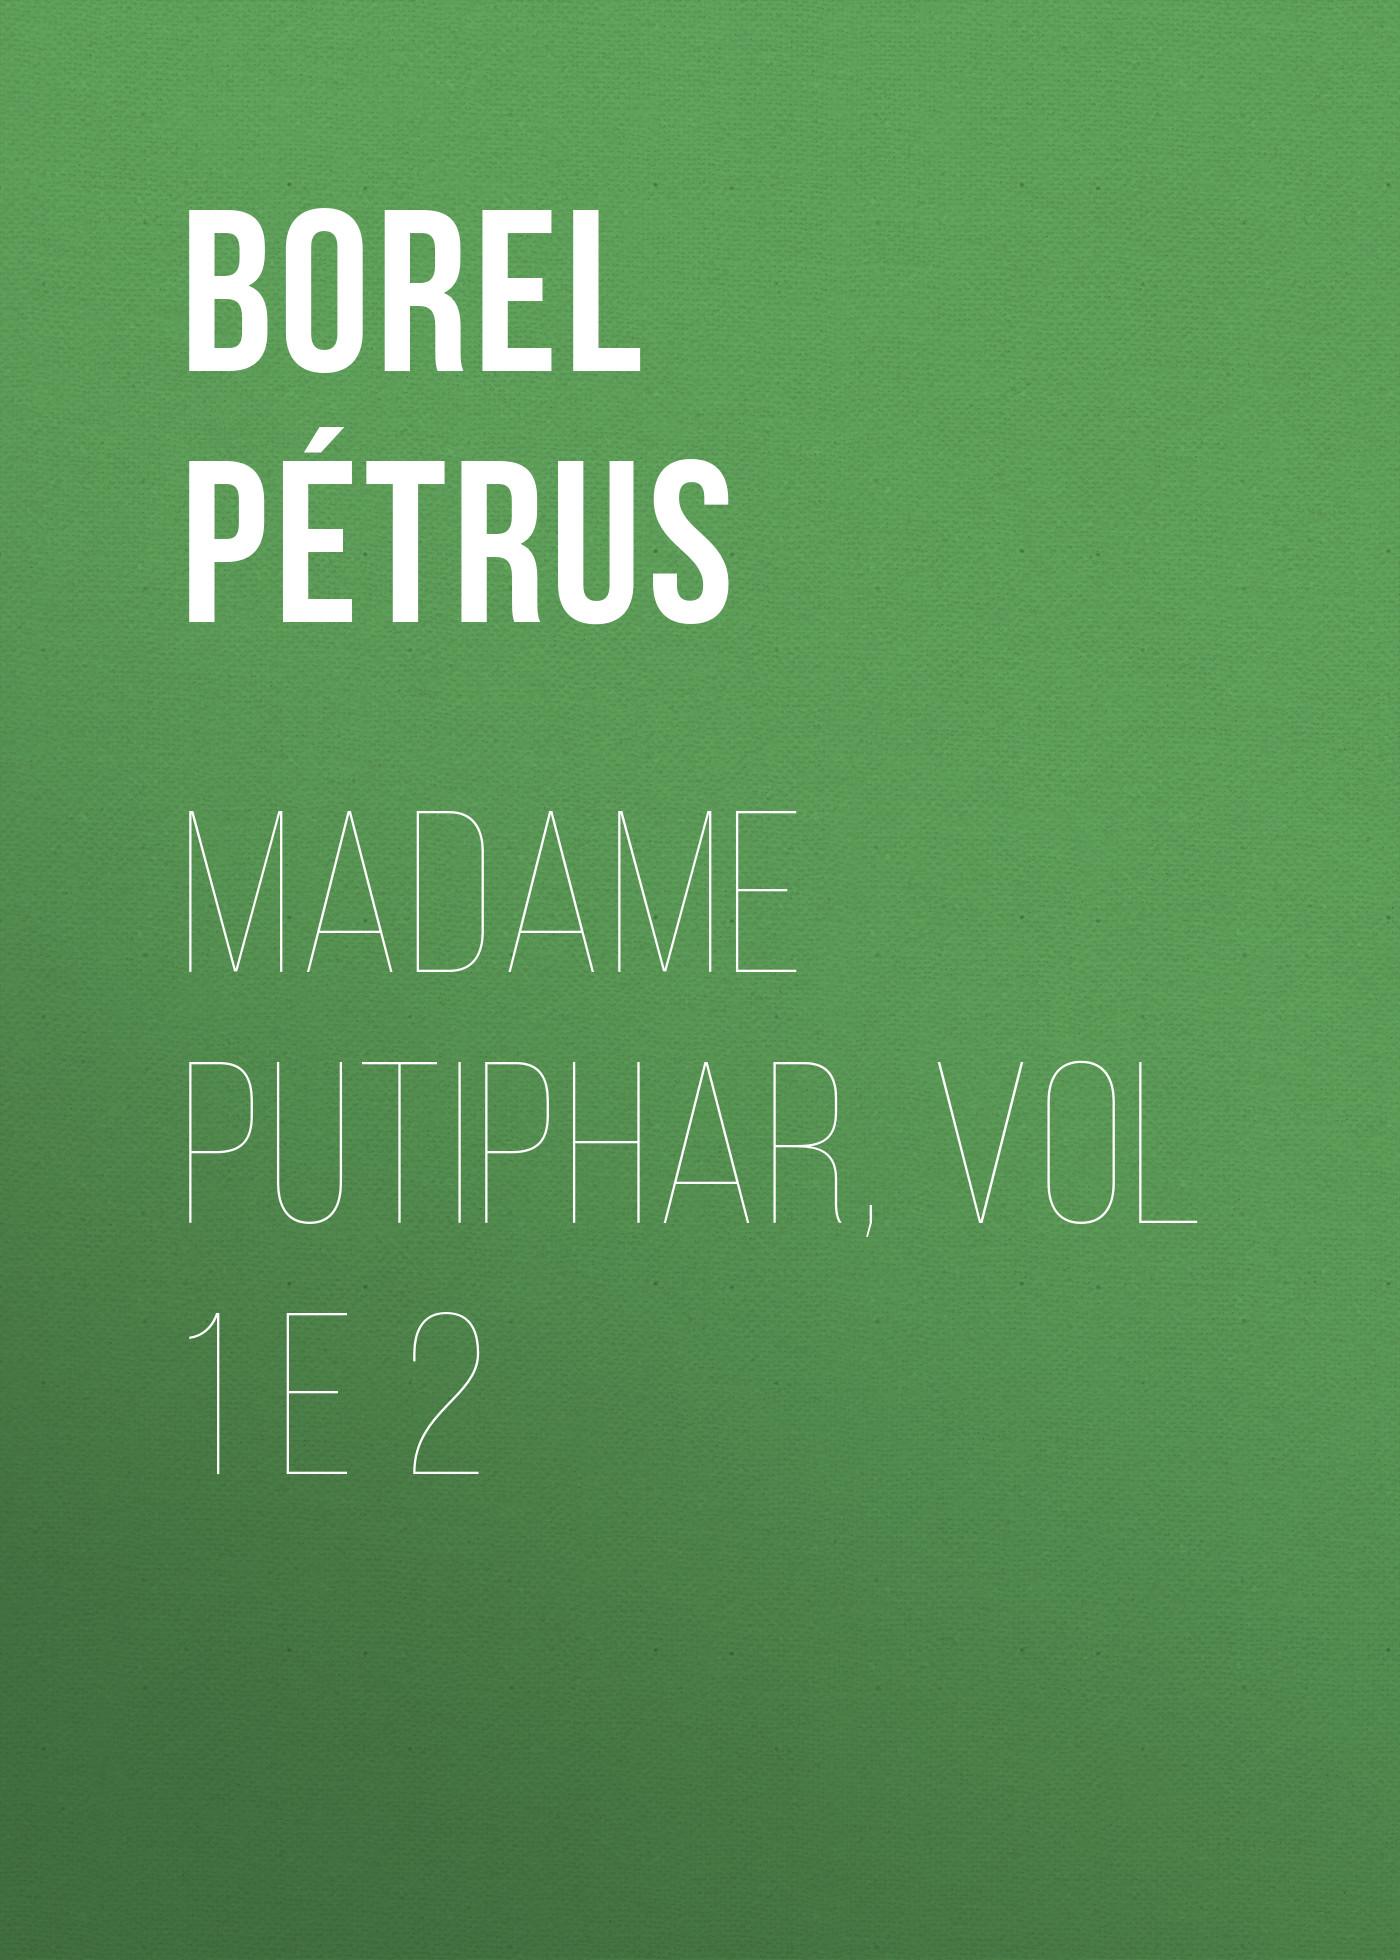 Borel Pétrus Madame Putiphar, vol 1 e 2 gantz tpb vol 34